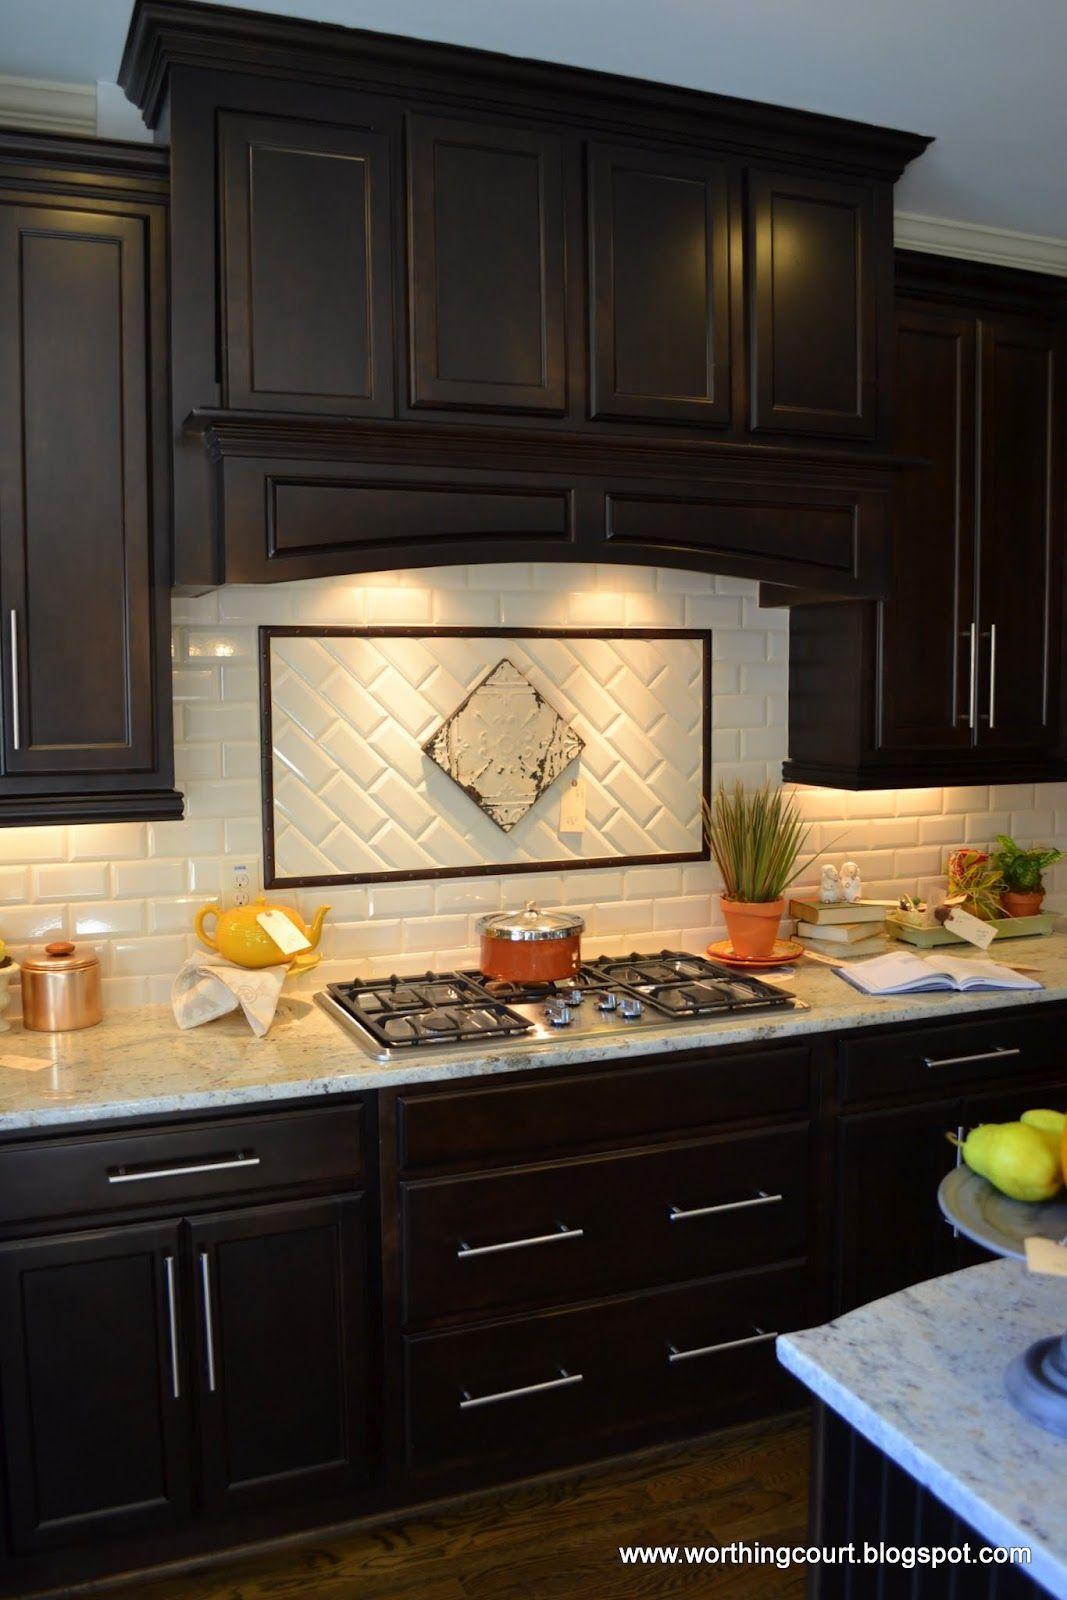 Contemporary Kitchen Backsplash Ideas With Dark Cabinets